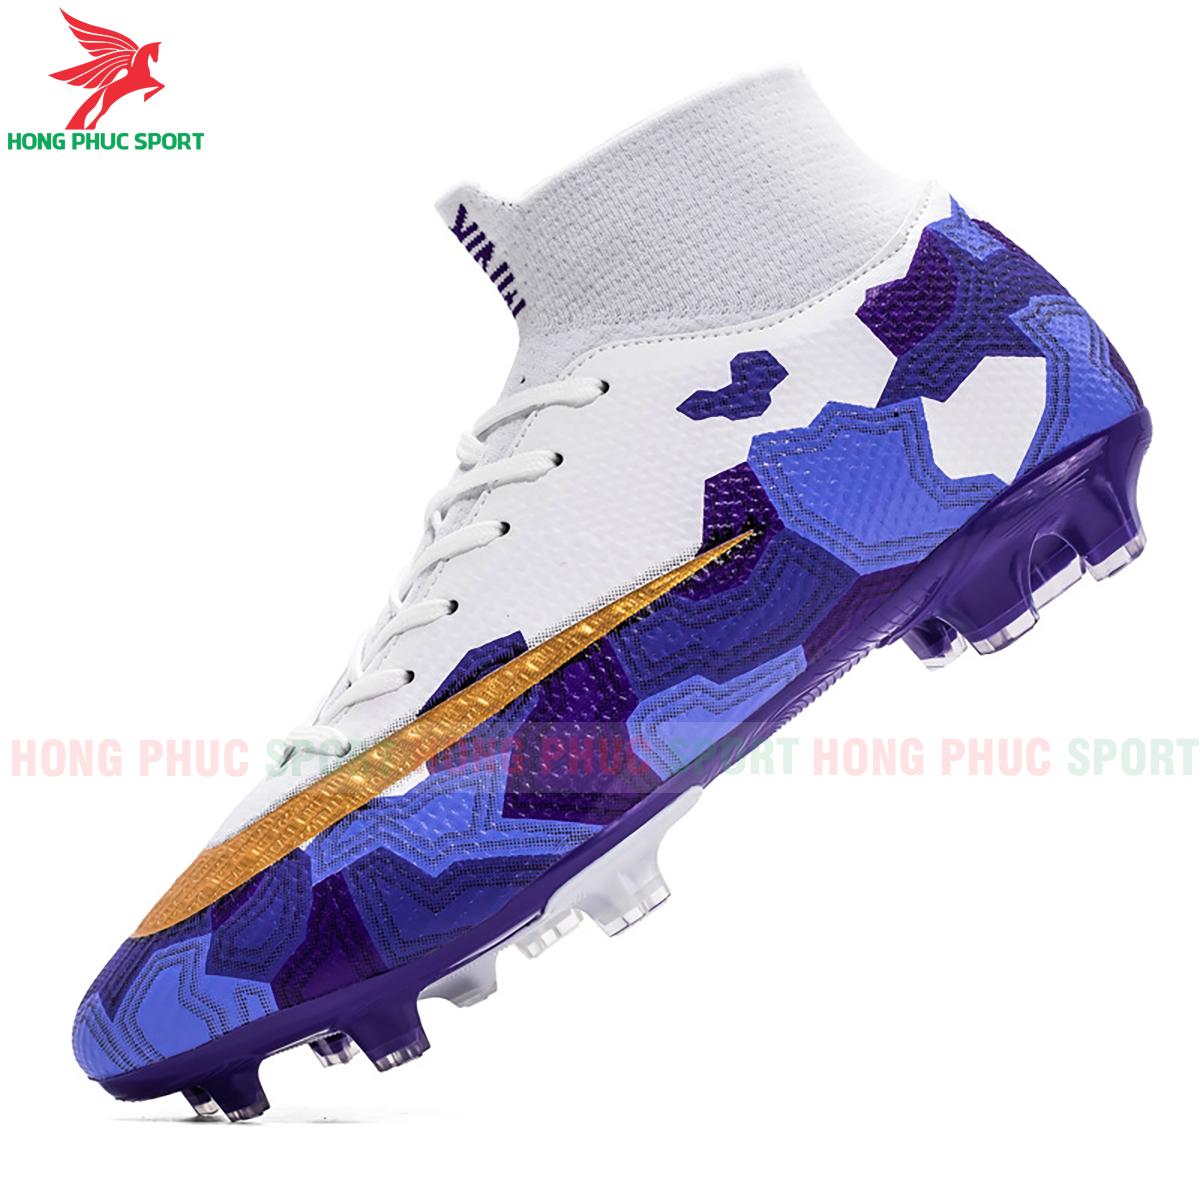 Giày đá banh Superfly VII Mbappe V2 2020 FG mẫu 3 màu xanh dương (2)